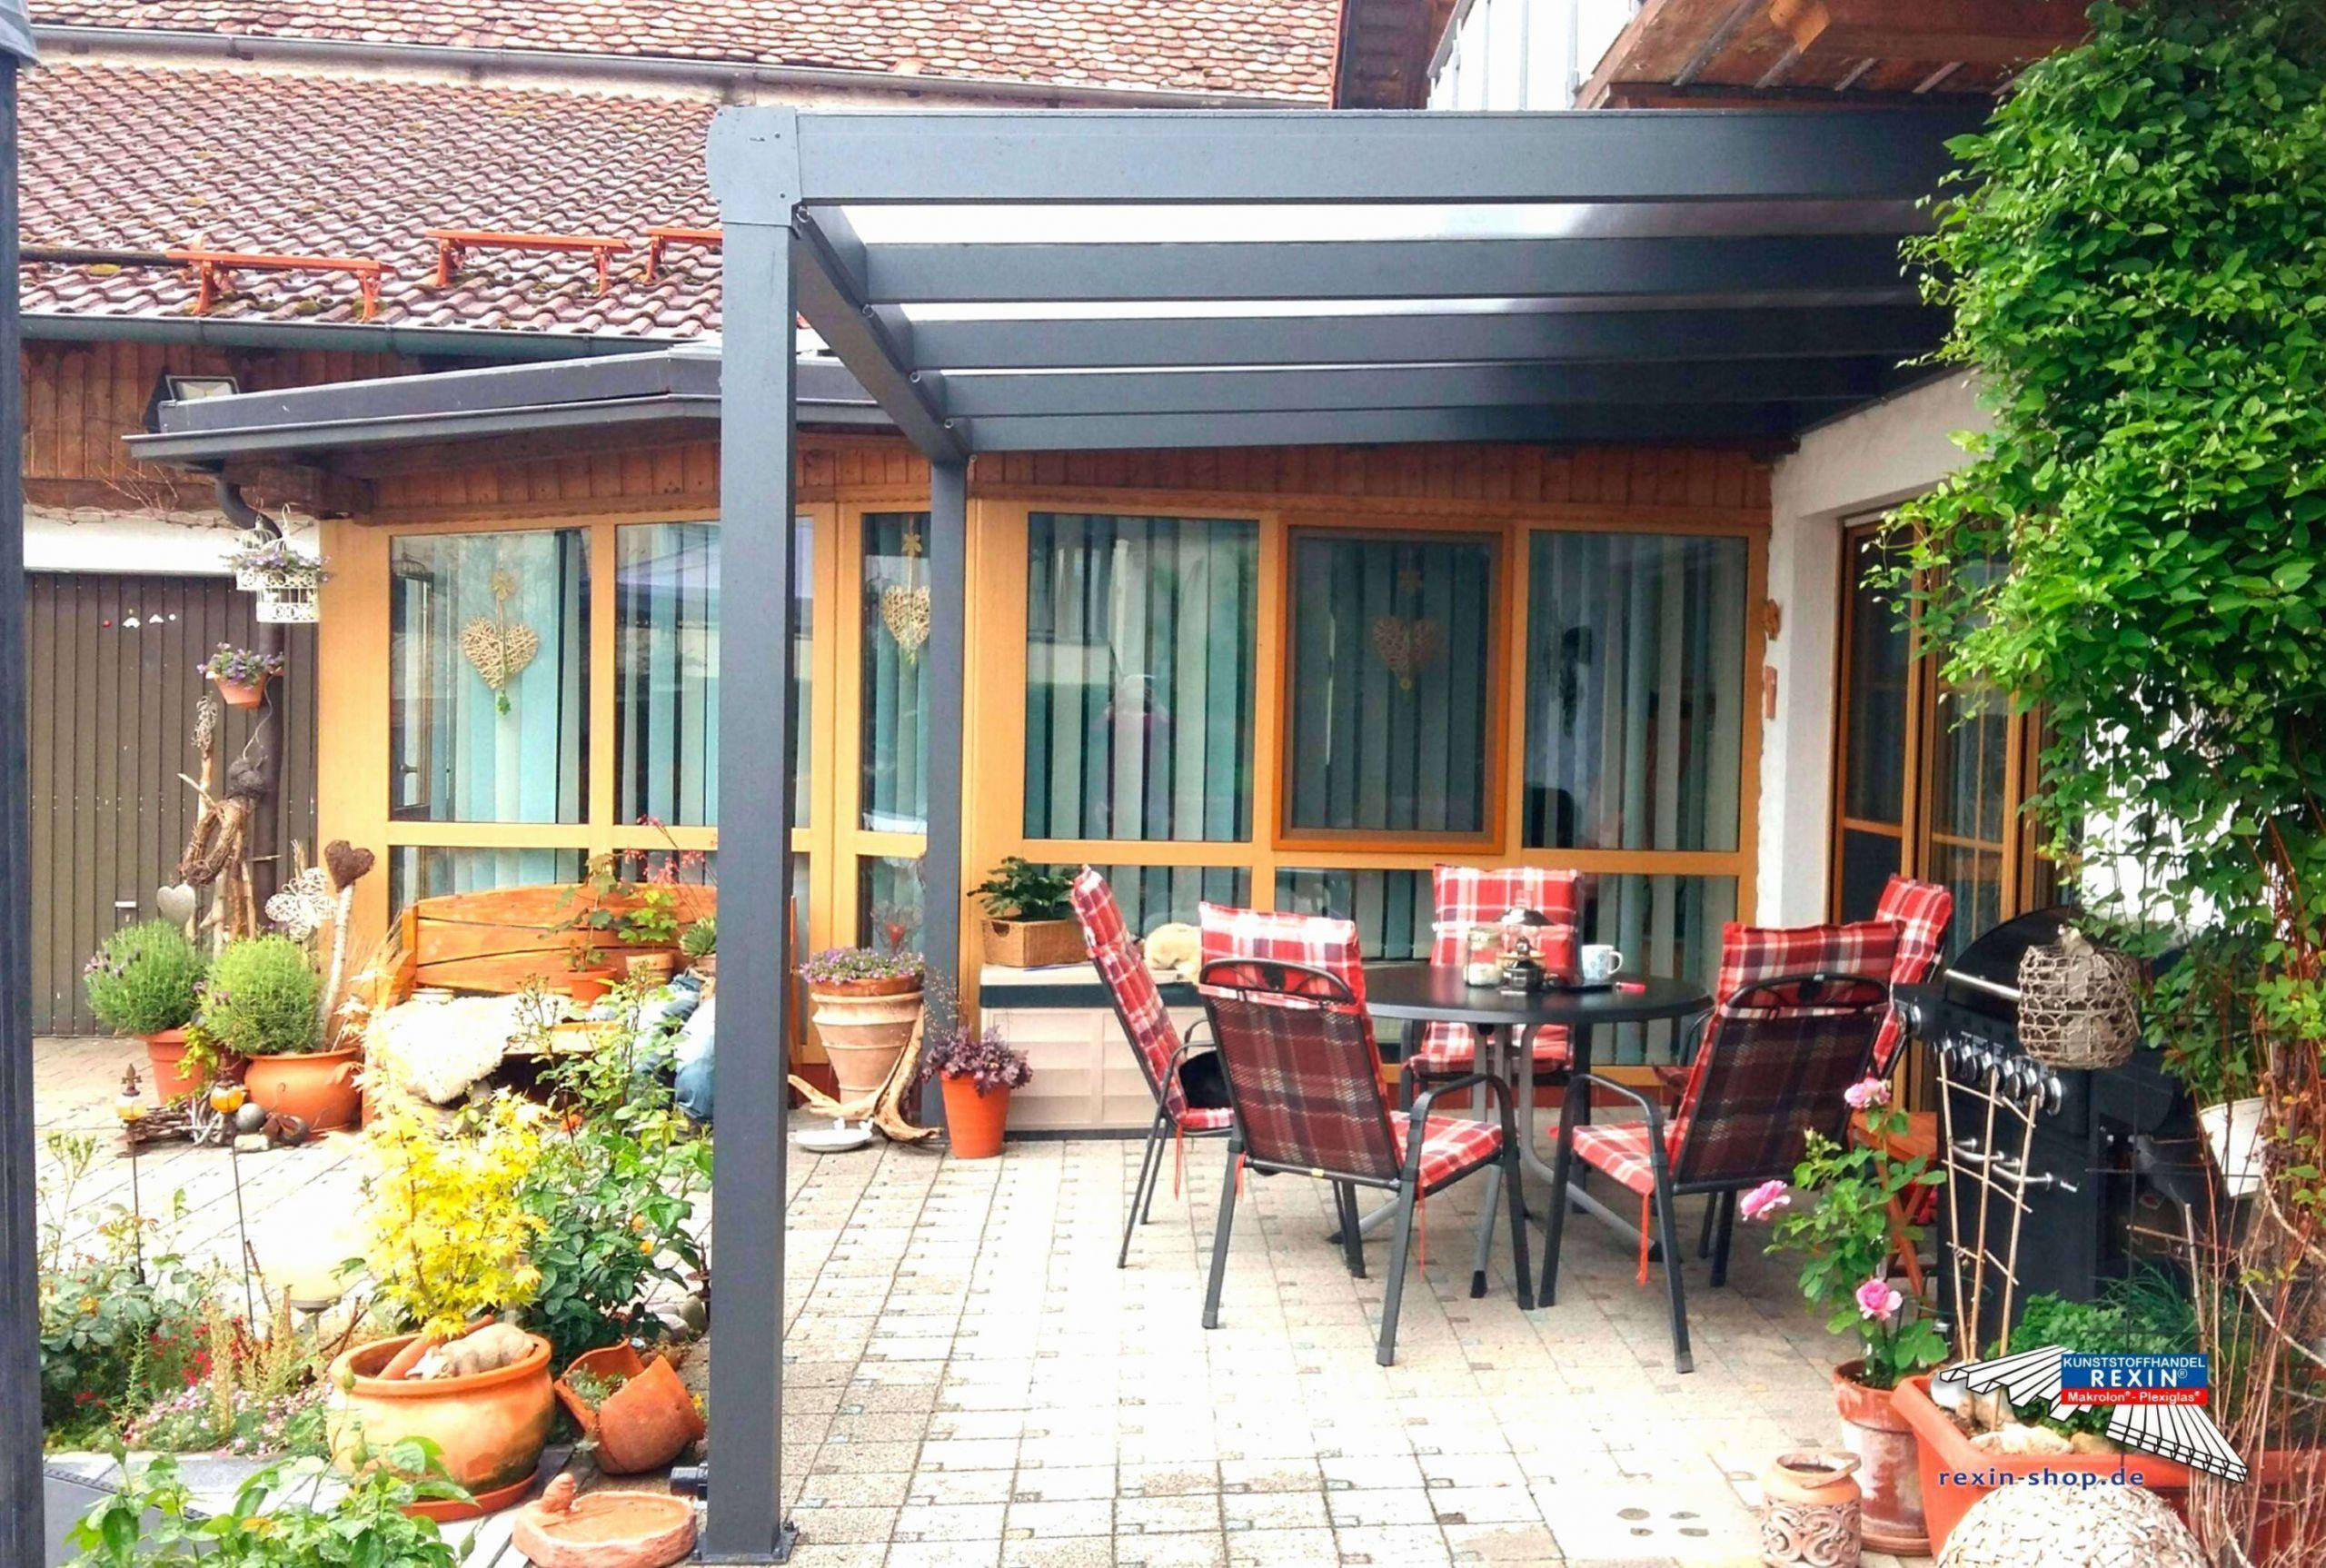 Balkon Deko Selber Machen Genial Deko Garten Selber Machen